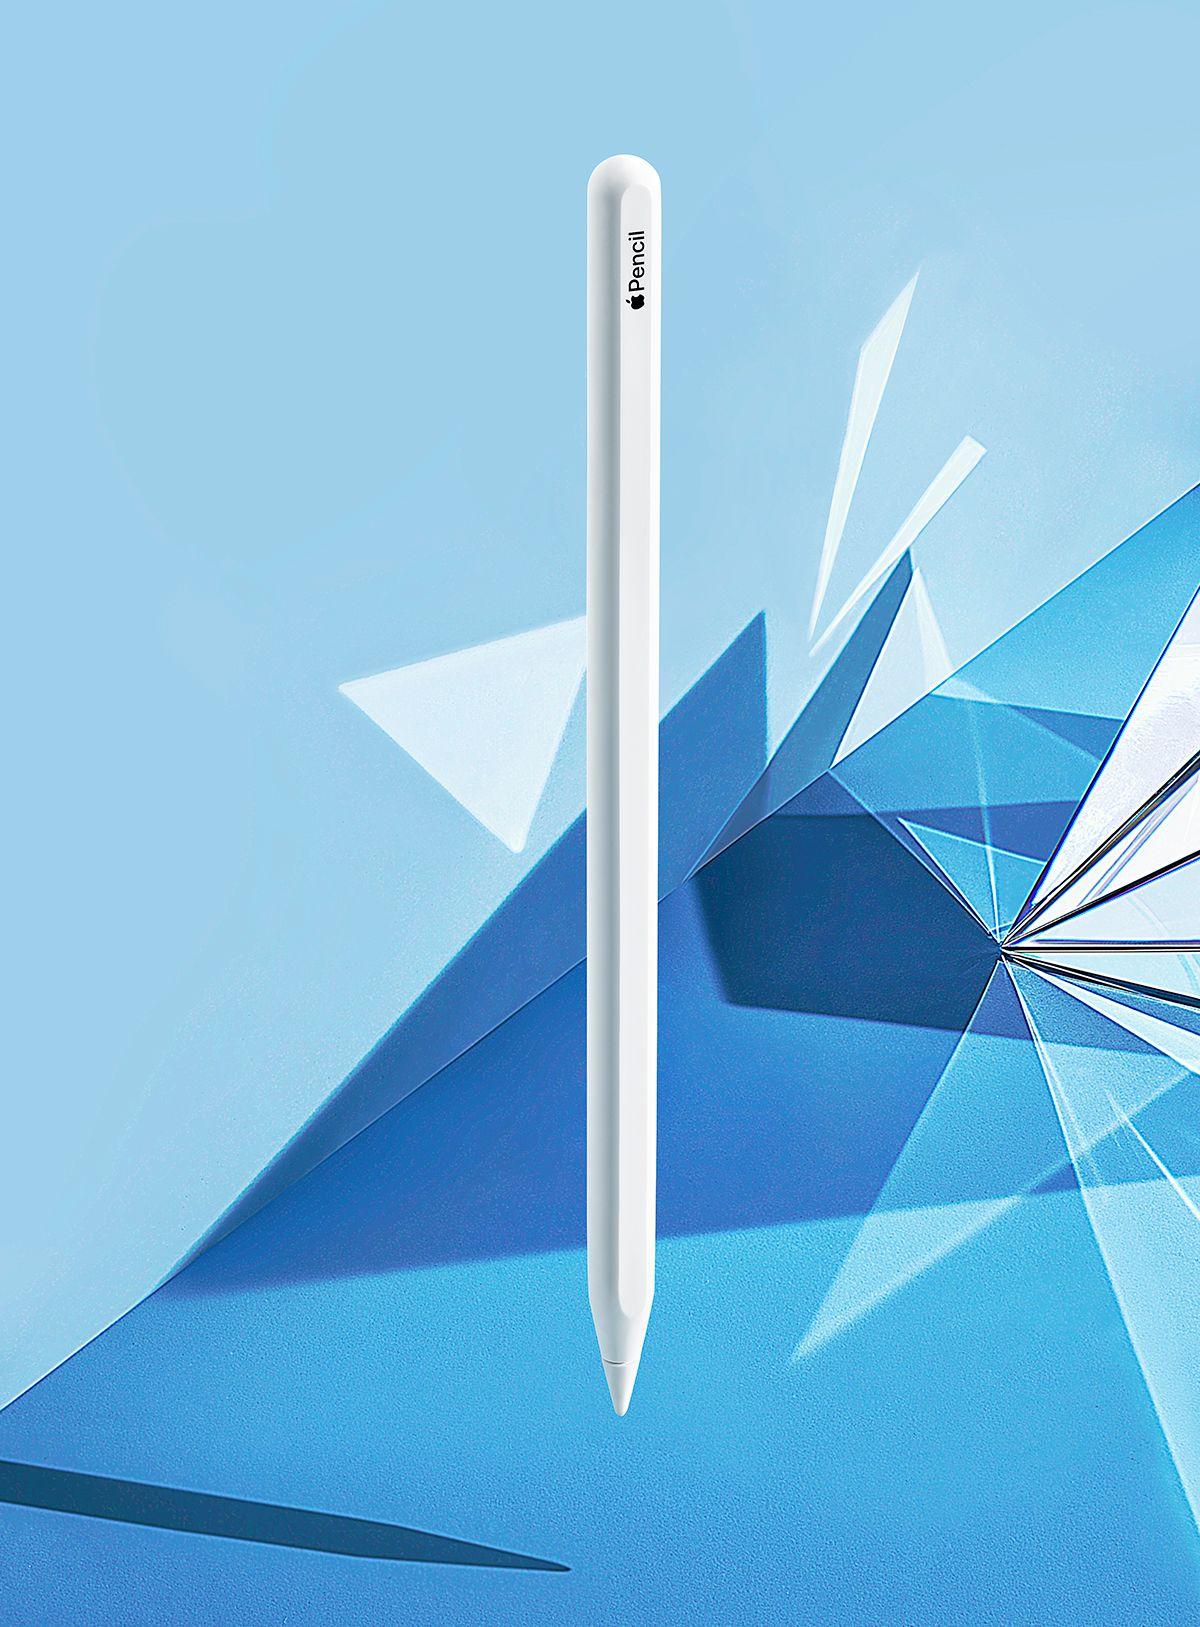 apple_pencil_04_4x5.jpg